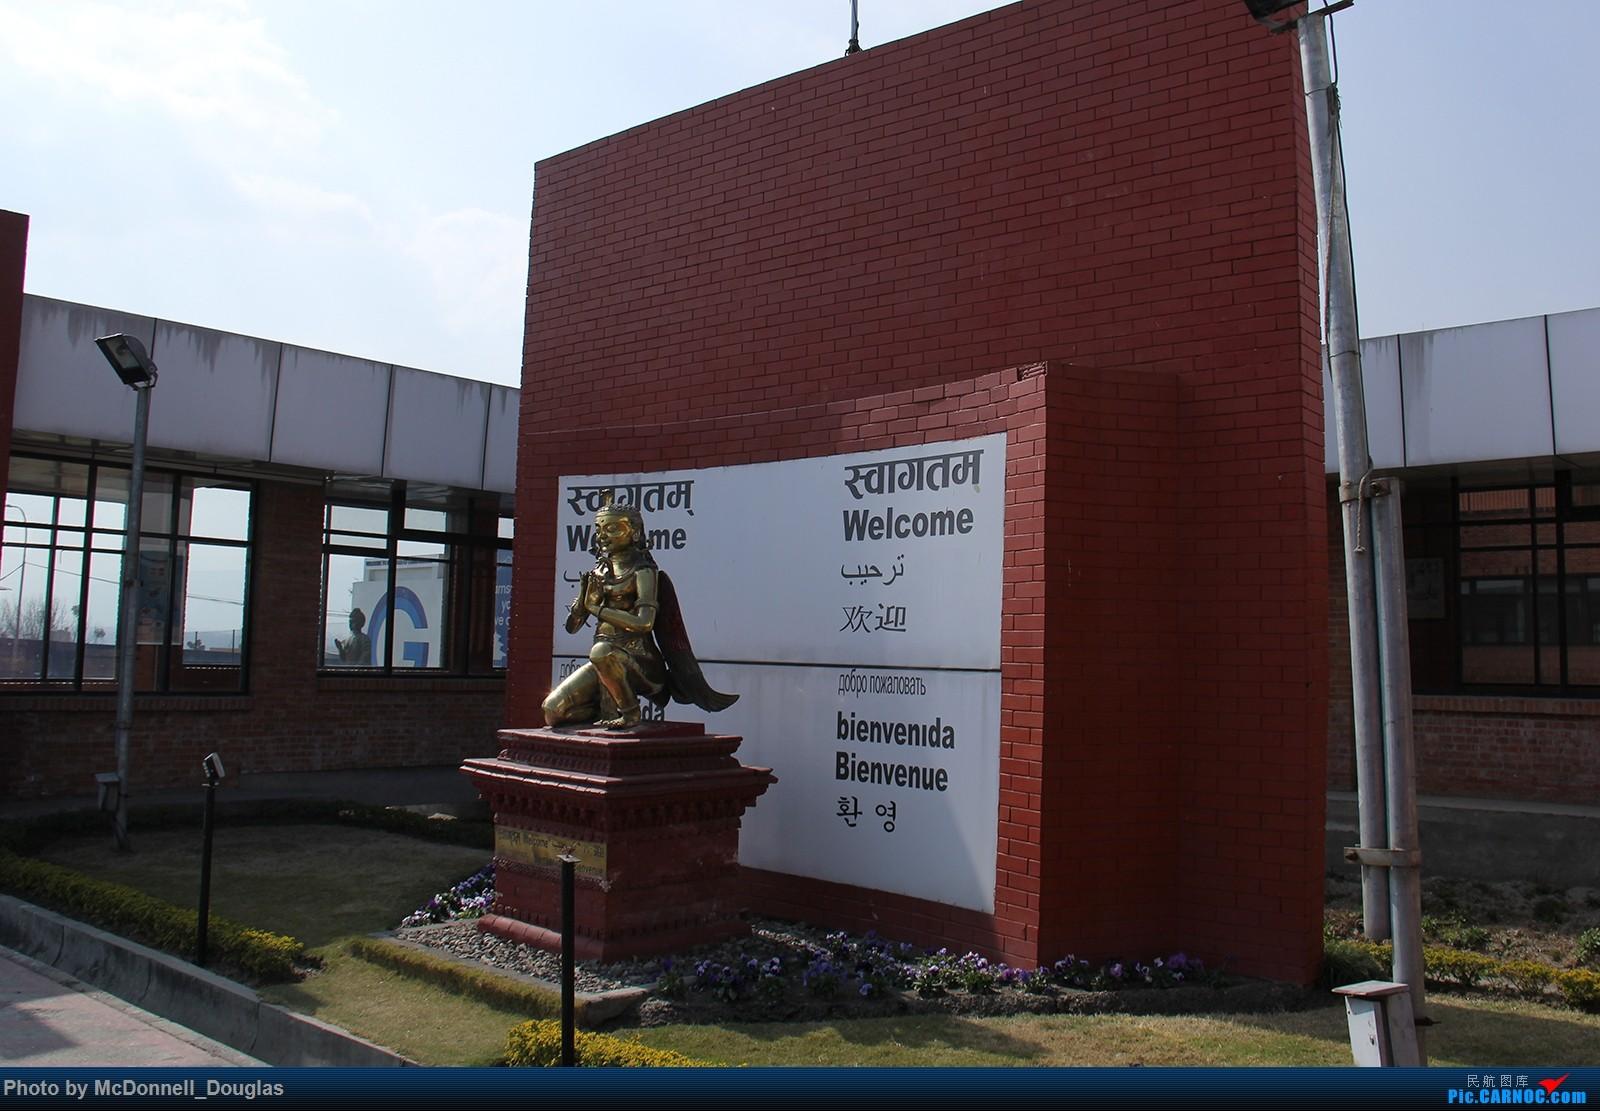 Re:[原创]【上海飞友会】【zc带你游天下(4)】不远千里飞跃喜马拉雅去看你,探寻高山另一边的神秘国度,和一群贫穷却快乐着的人们    尼泊尔加德满都特里布万国际机场